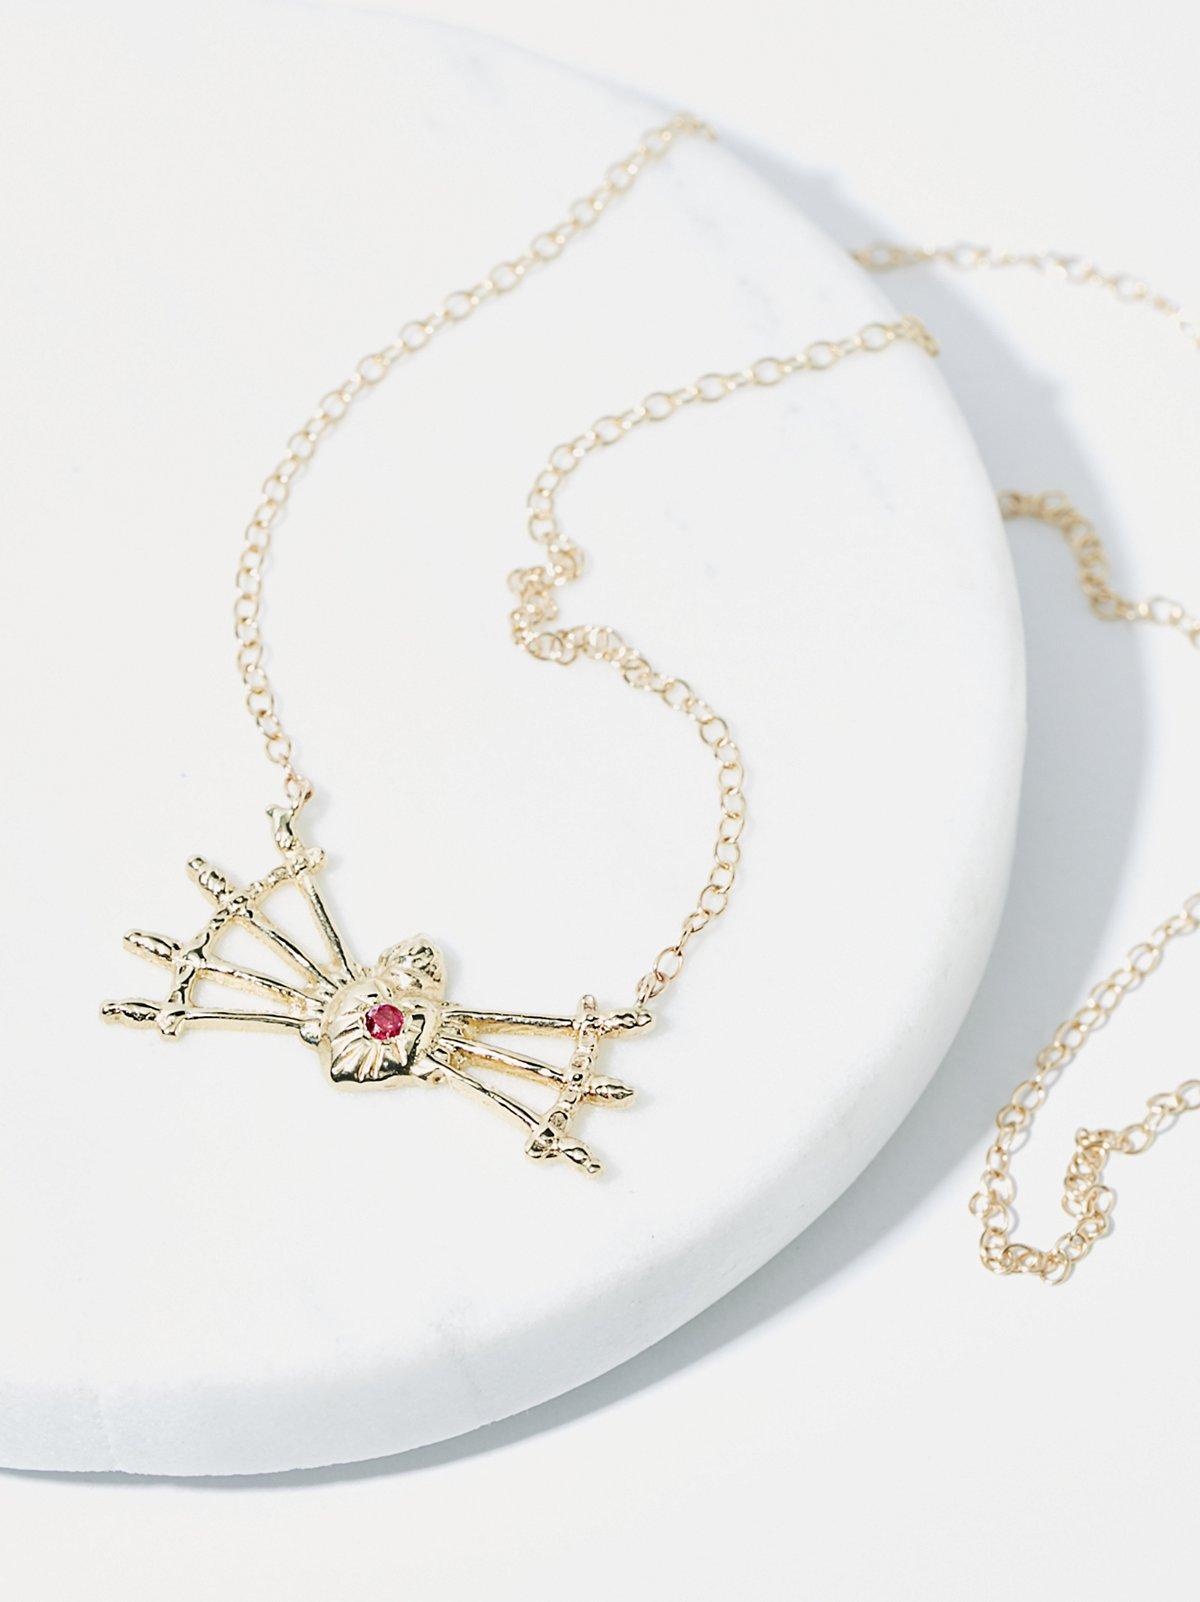 14K Sacred Heart + 7 Swords Necklace